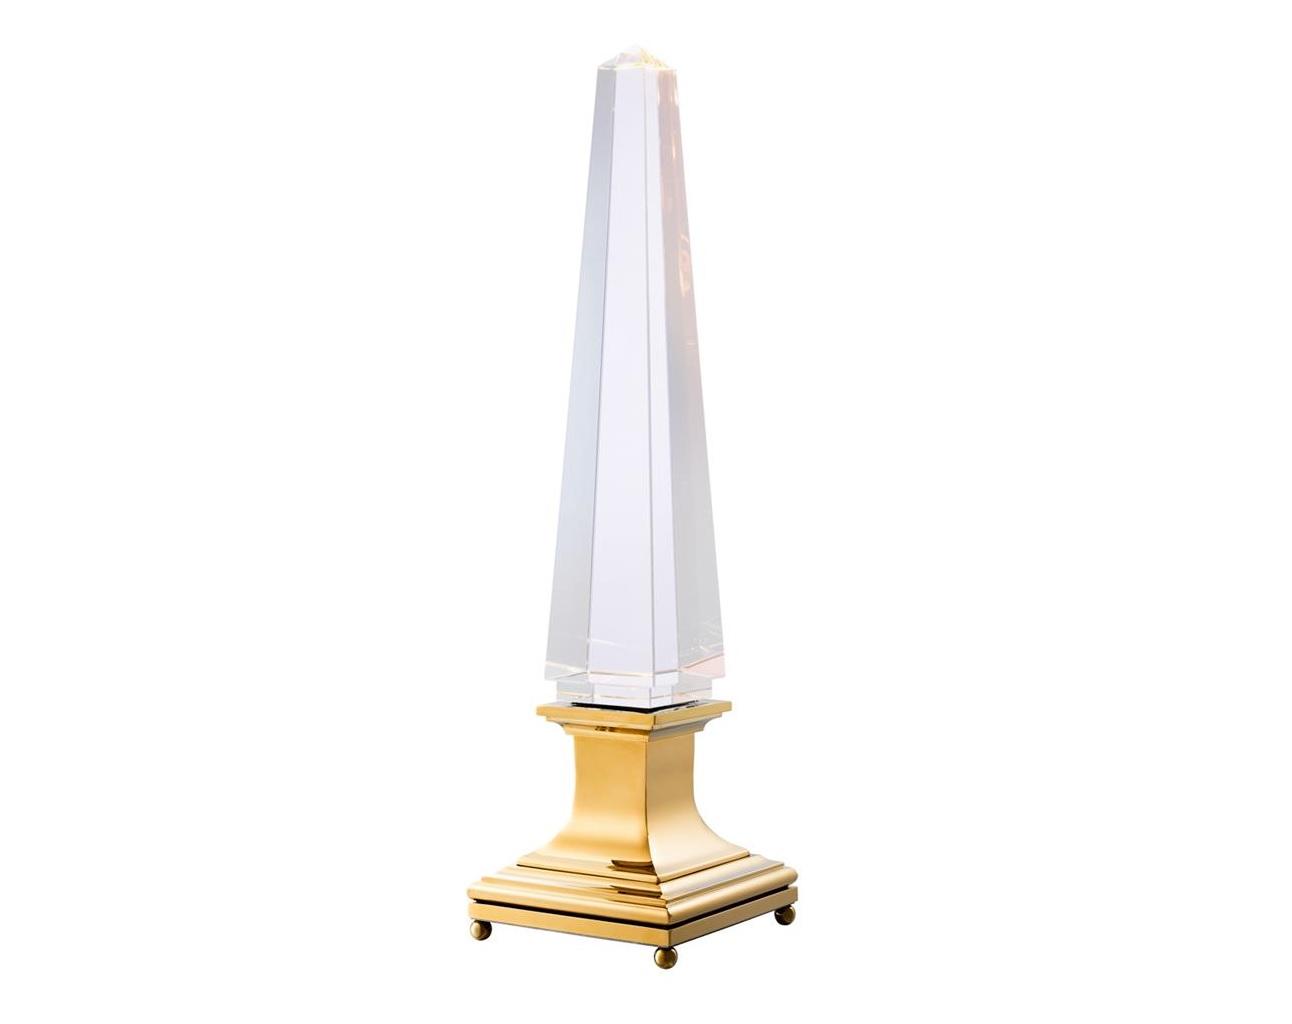 Настольная лампа SolaireiДекоративные лампы<br>&amp;lt;div&amp;gt;Вид цоколя: E27&amp;lt;br&amp;gt;&amp;lt;/div&amp;gt;&amp;lt;div&amp;gt;&amp;lt;div&amp;gt;Мощность: 40W&amp;lt;/div&amp;gt;&amp;lt;div&amp;gt;Количество ламп: 1 (нет в комплекте)&amp;lt;/div&amp;gt;&amp;lt;/div&amp;gt;<br><br>Material: Металл<br>Ширина см: 21<br>Высота см: 80<br>Глубина см: 21